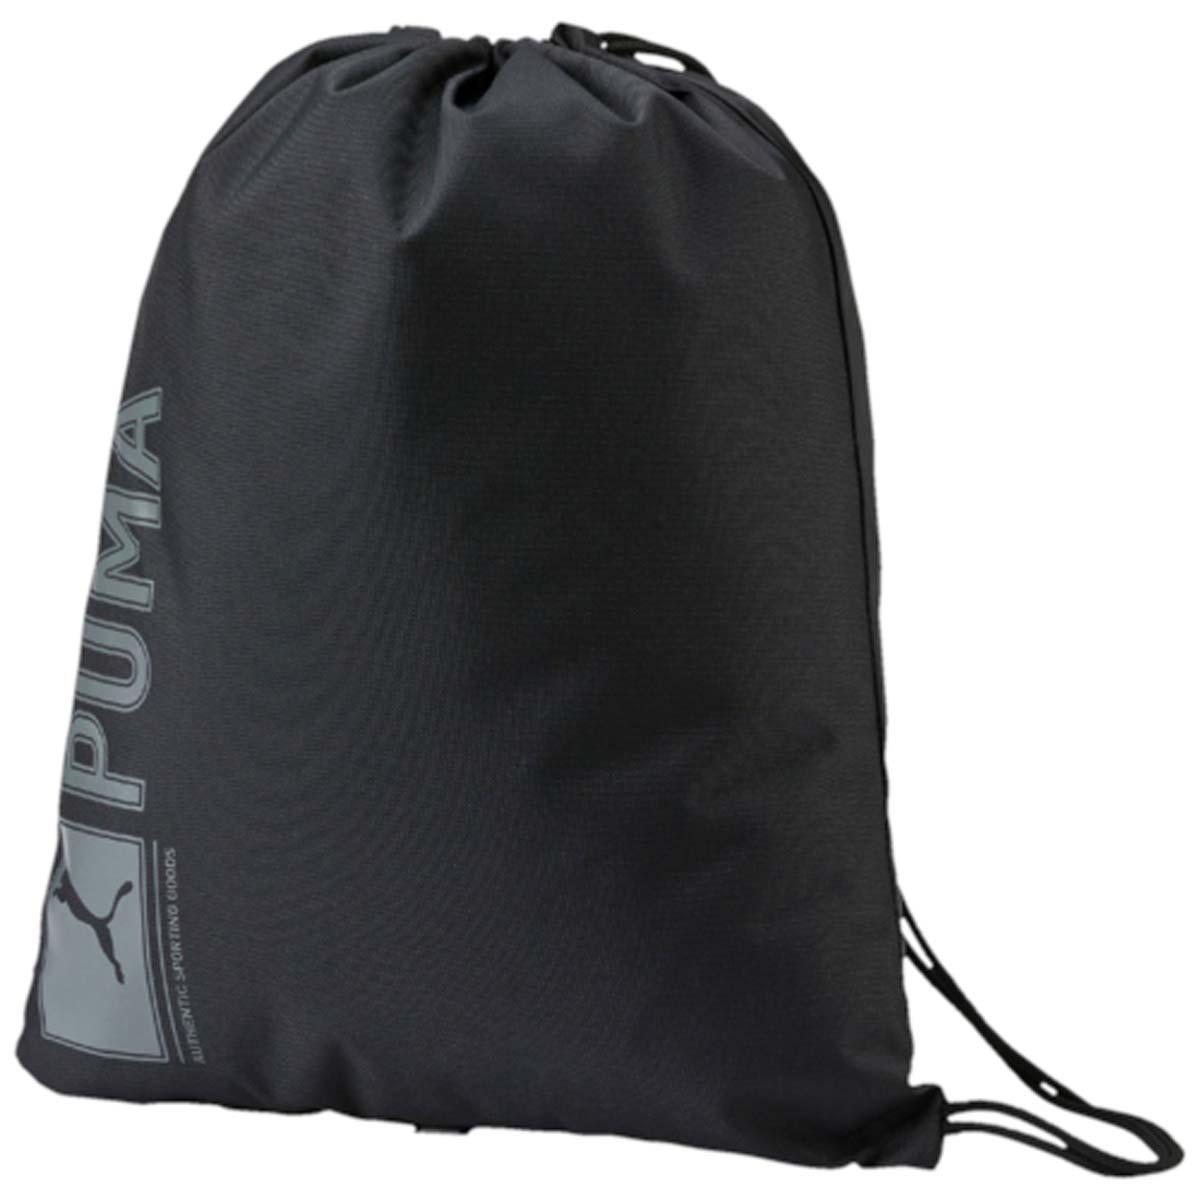 Рюкзак Puma Pioneer Gym Sack, цвет: черный. 07346801. 07346801S76245Спортивный рюкзак Puma выполнен из текстиля. Модель с одним отделением на затягивающемся шнурке и тонких лямках.